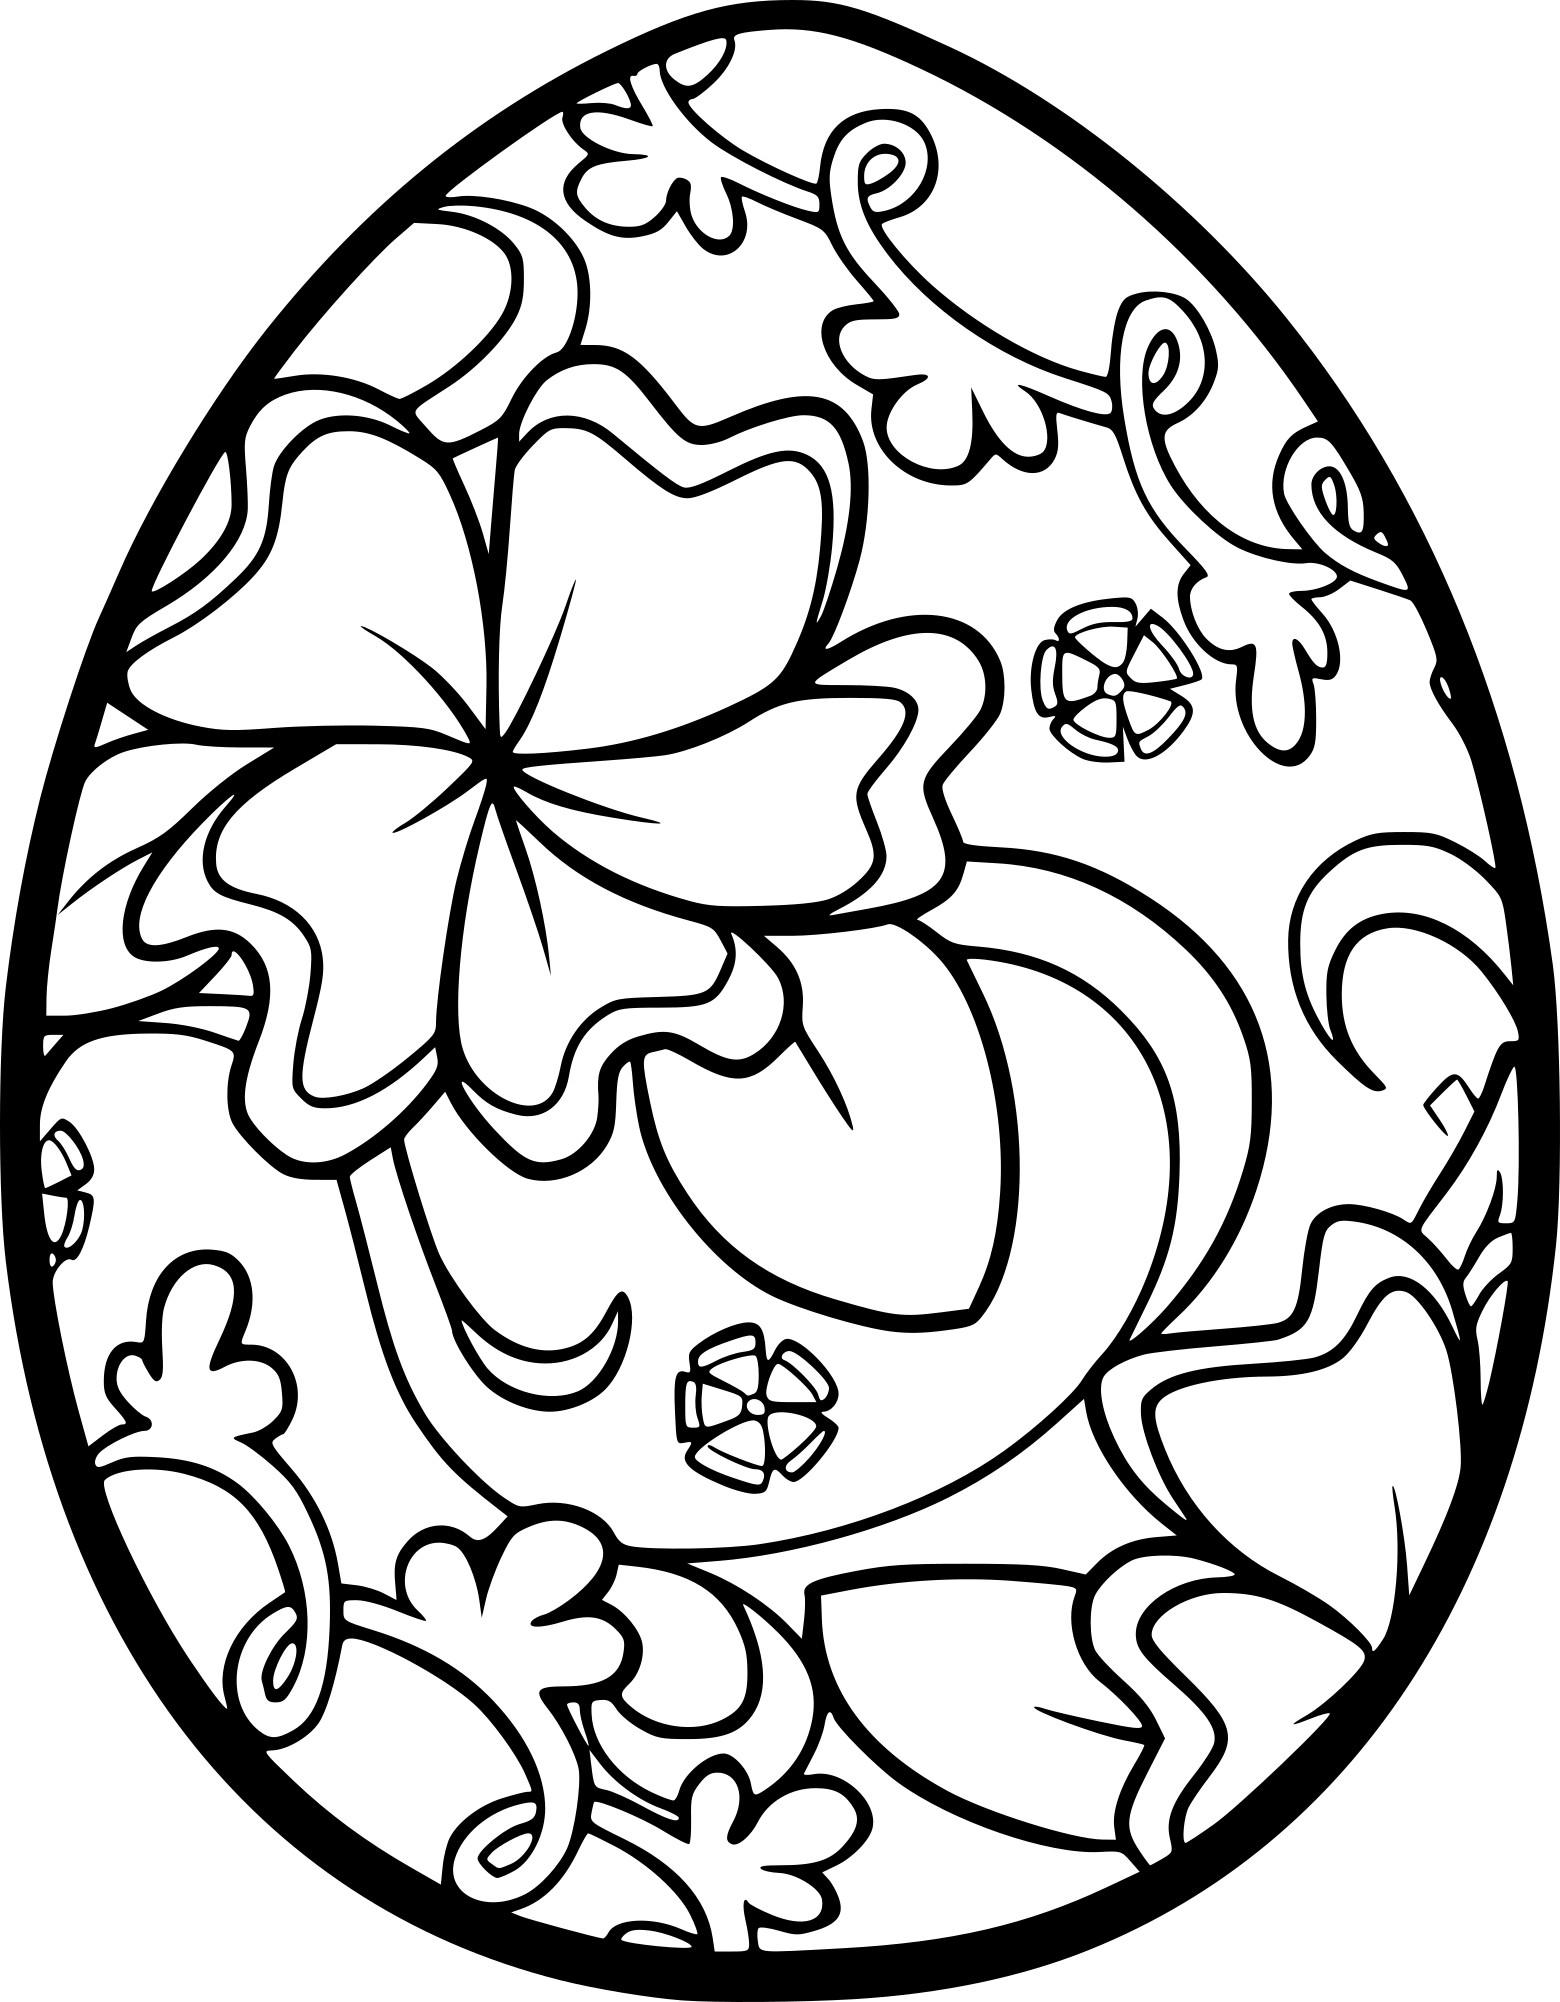 Coloriage Pâques Adulte À Imprimer Sur Coloriages intérieur Dessin Pour Paques